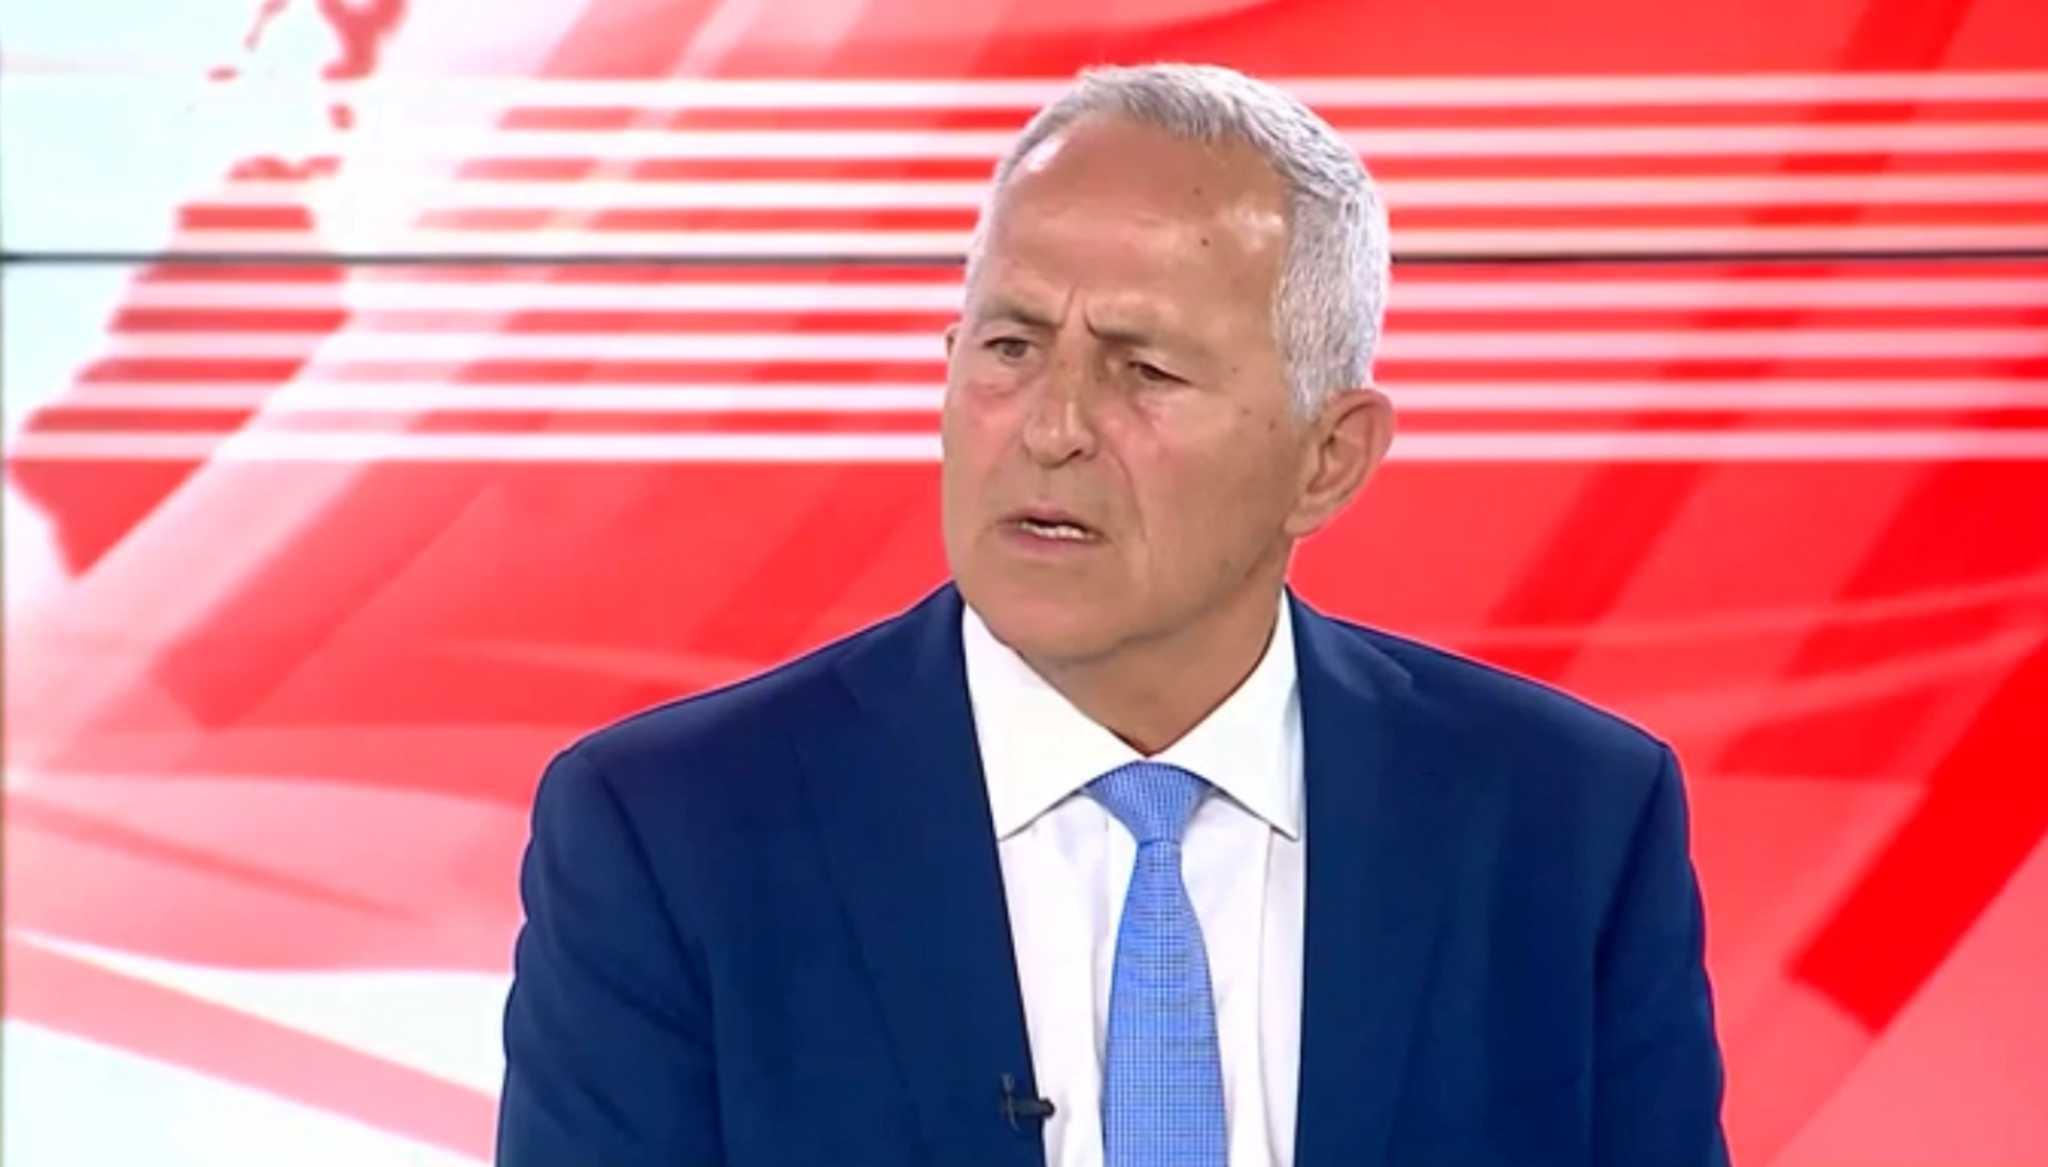 Αποστολάκης: «Βλέπετε να είναι κανείς δίπλα μας; Οι ίδιοι οι Τούρκοι λένε ότι μείναμε μόνοι μας εμείς και η Ελλάδα» (ΒΙΝΤΕΟ)